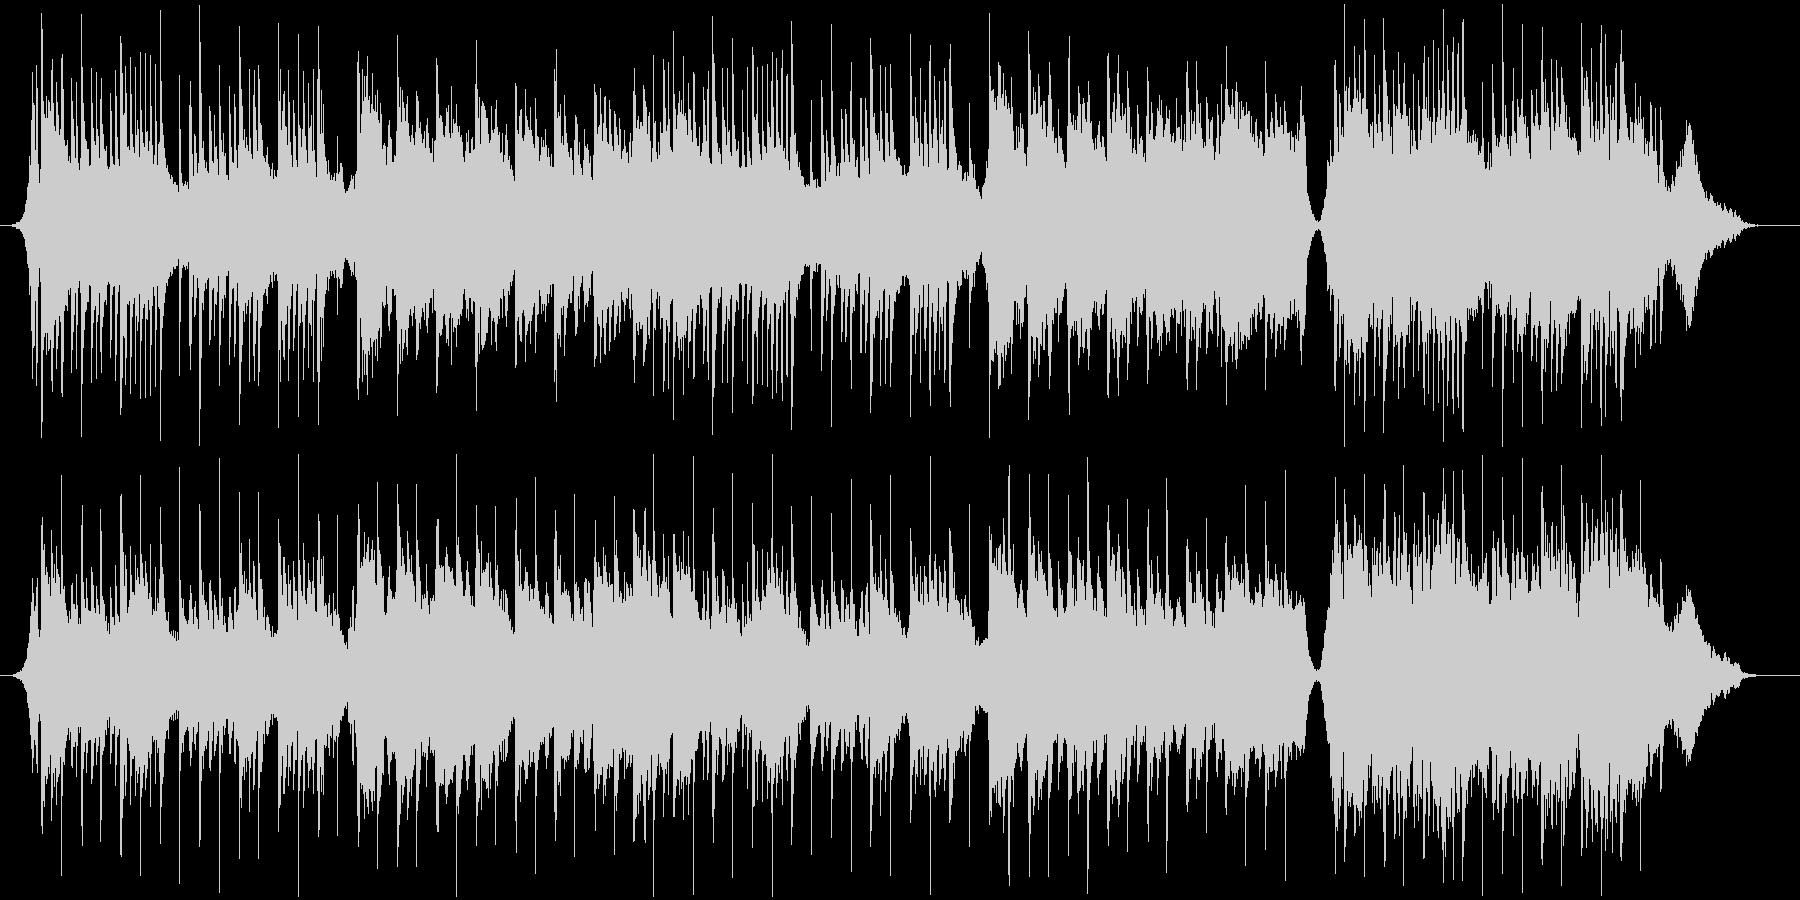 箏のメロディで和風なゆったりとした曲の未再生の波形